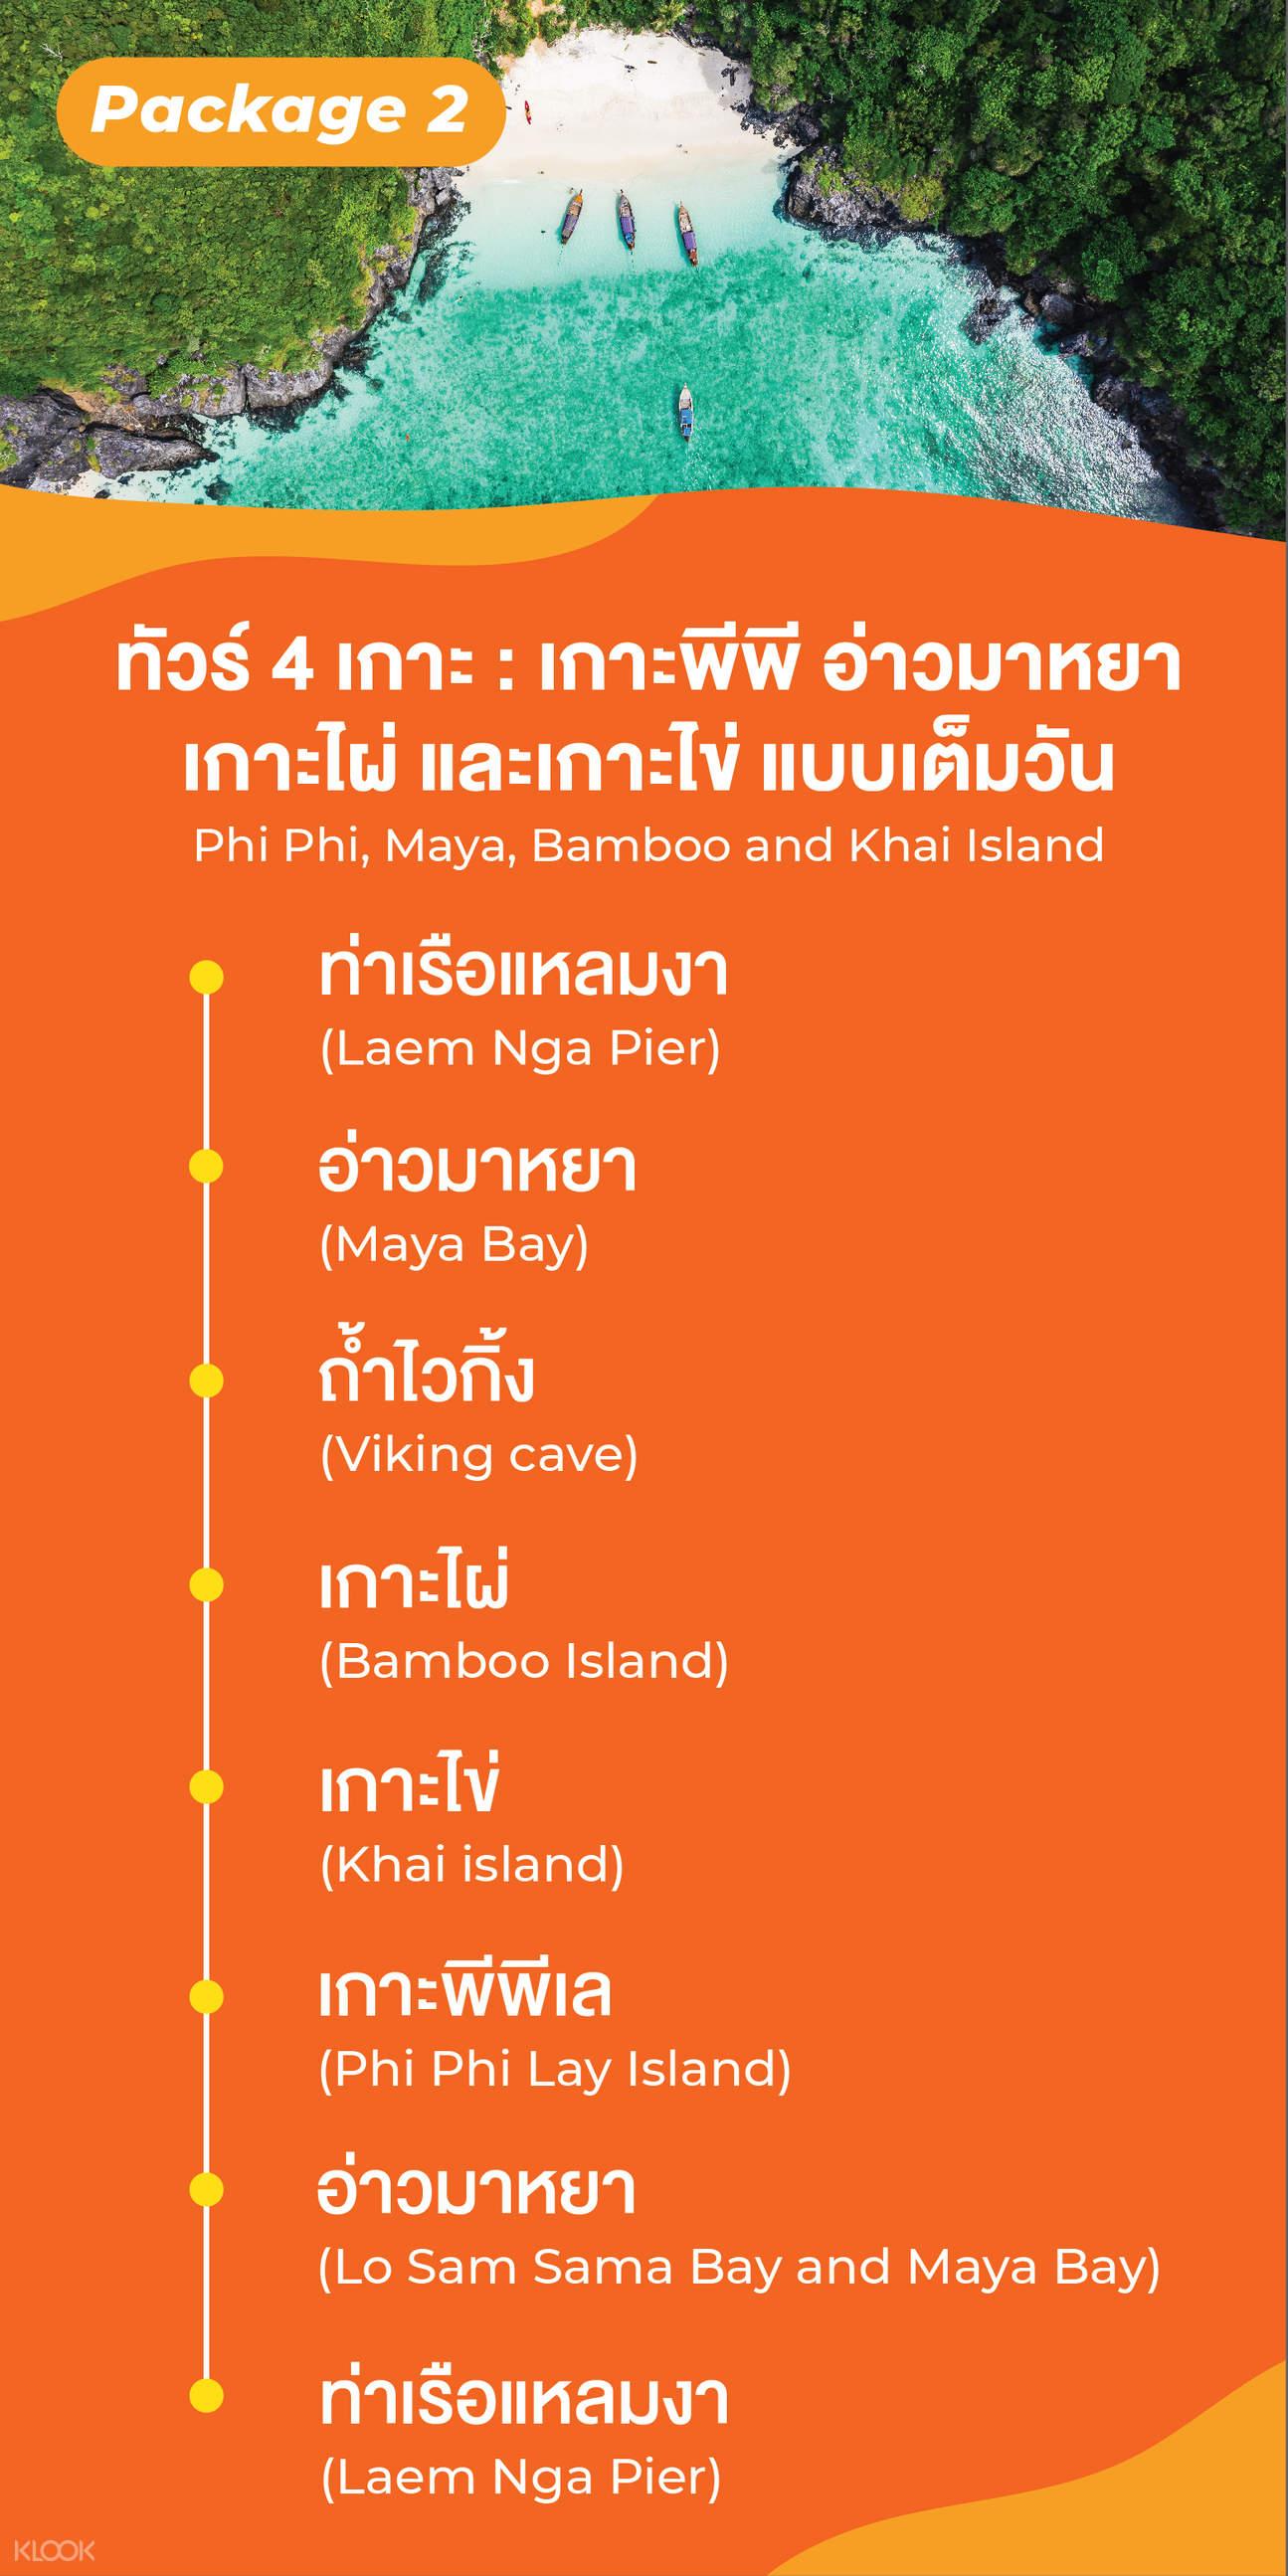 กำหนดการเดินทาง ทัวร์เกาะพีพี